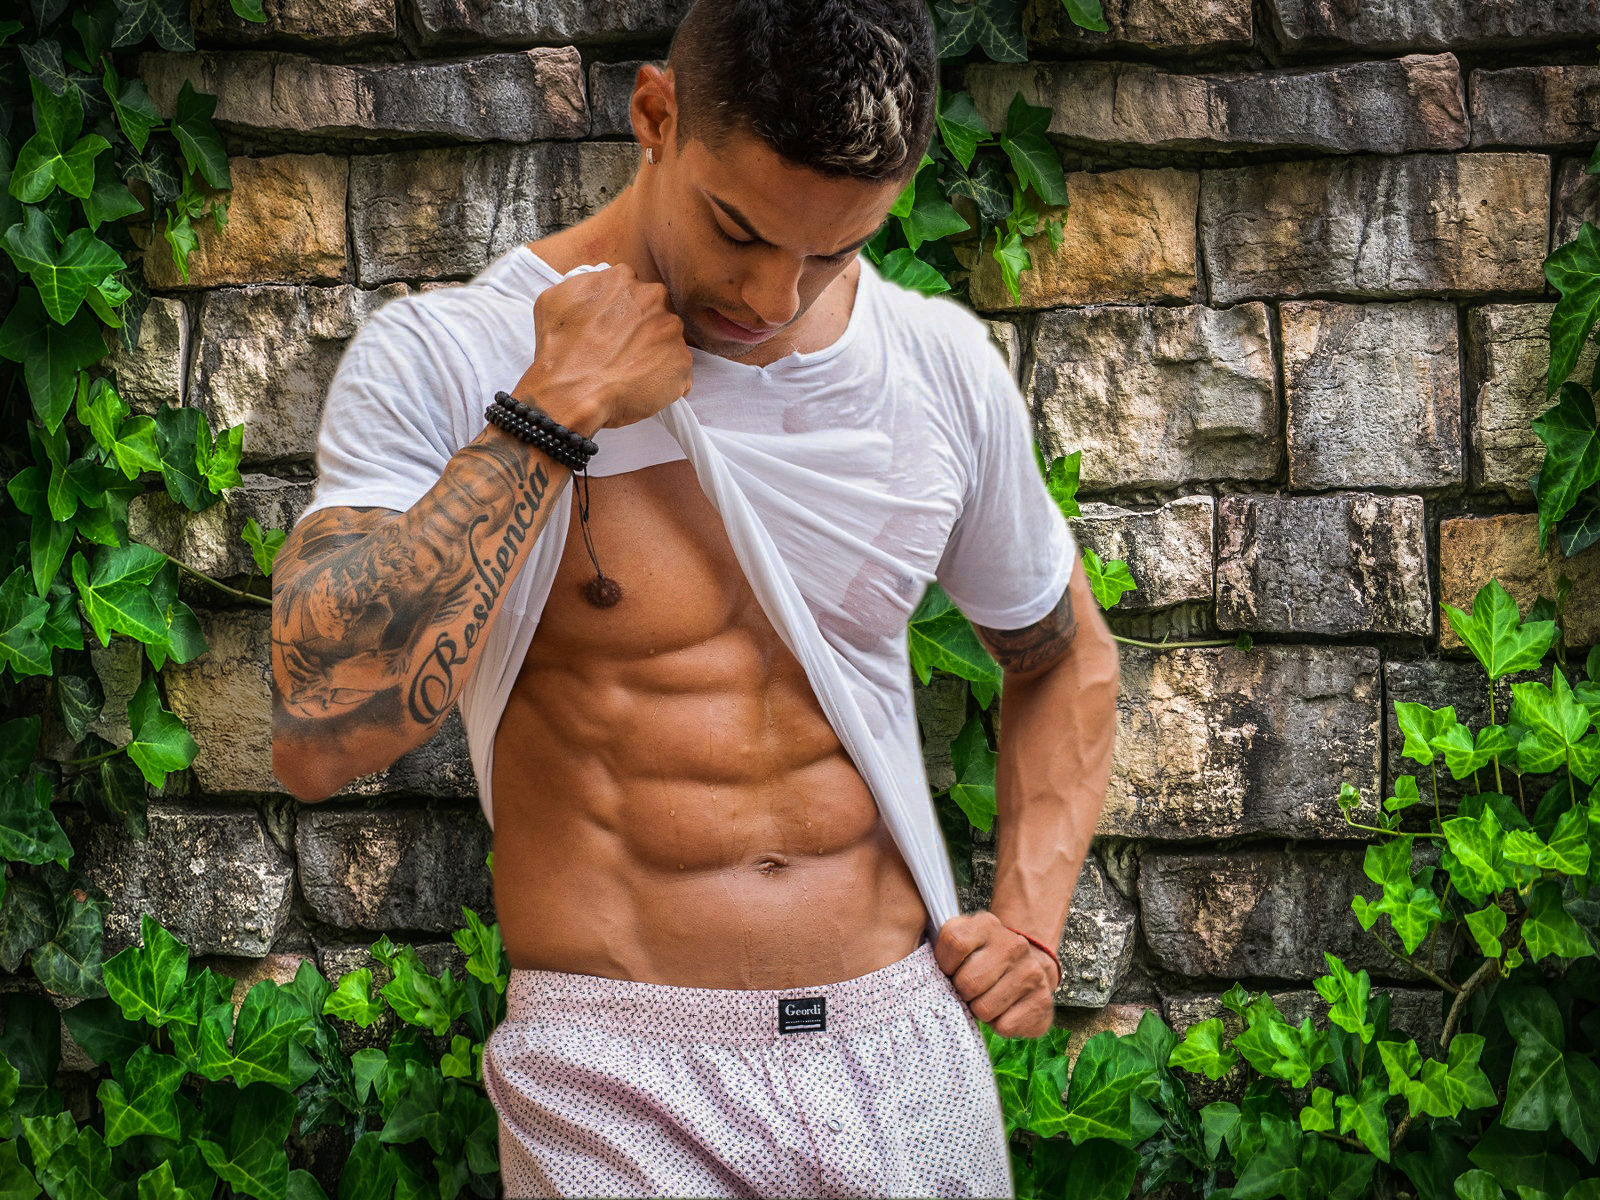 Jason Mendez